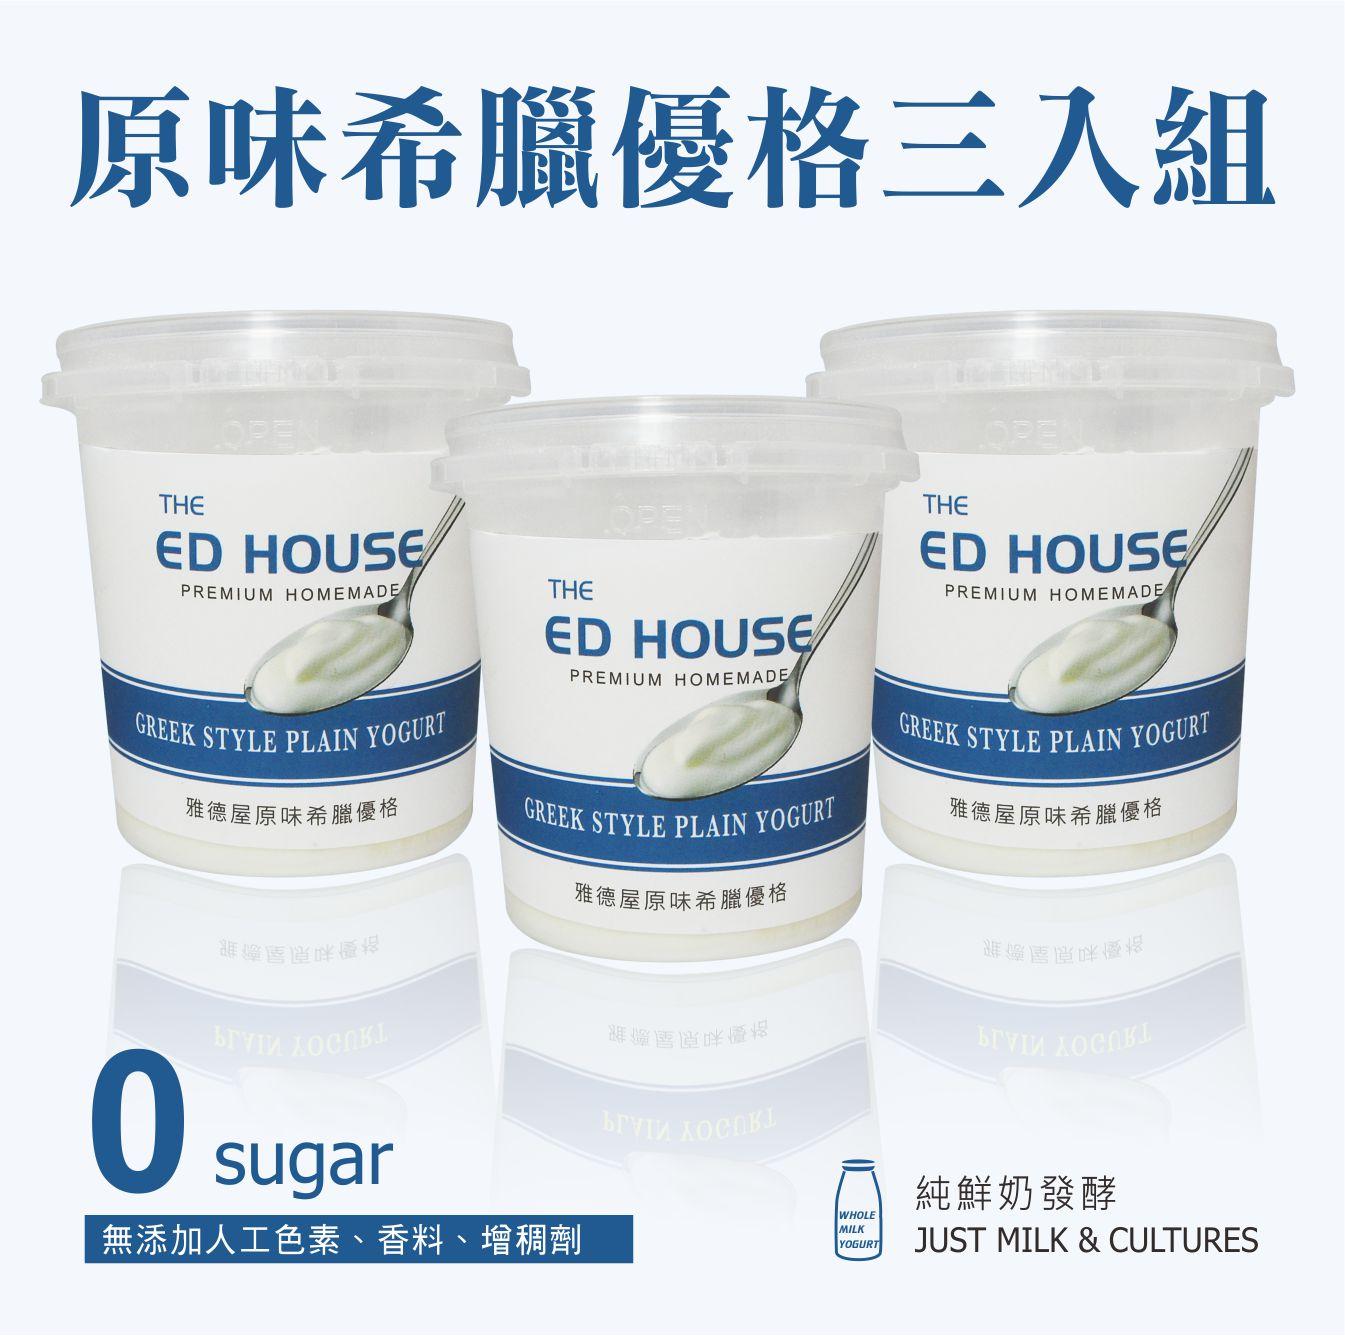 原味無糖希臘優格【獨享杯】3入組  140g/杯  健康 腸胃 水切優格